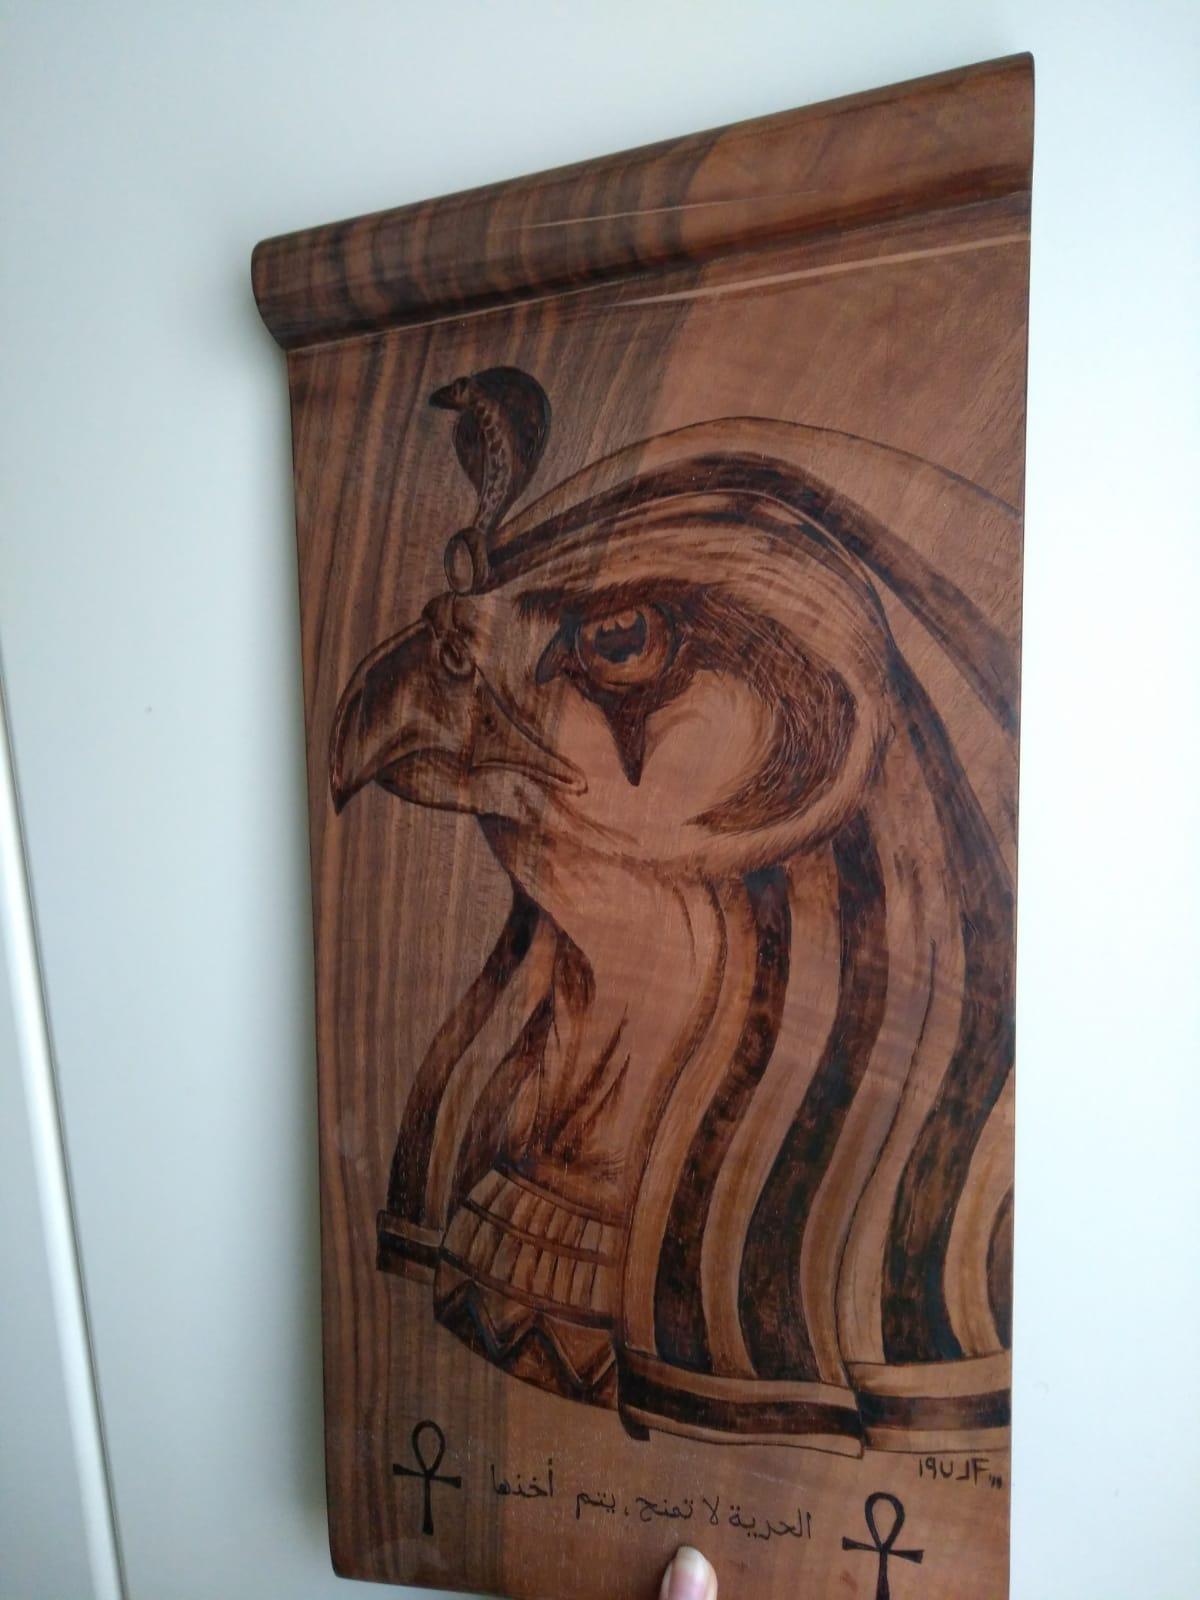 Disegni con pirografo sul legno fadini mobili cerea verona for Disegni mobili